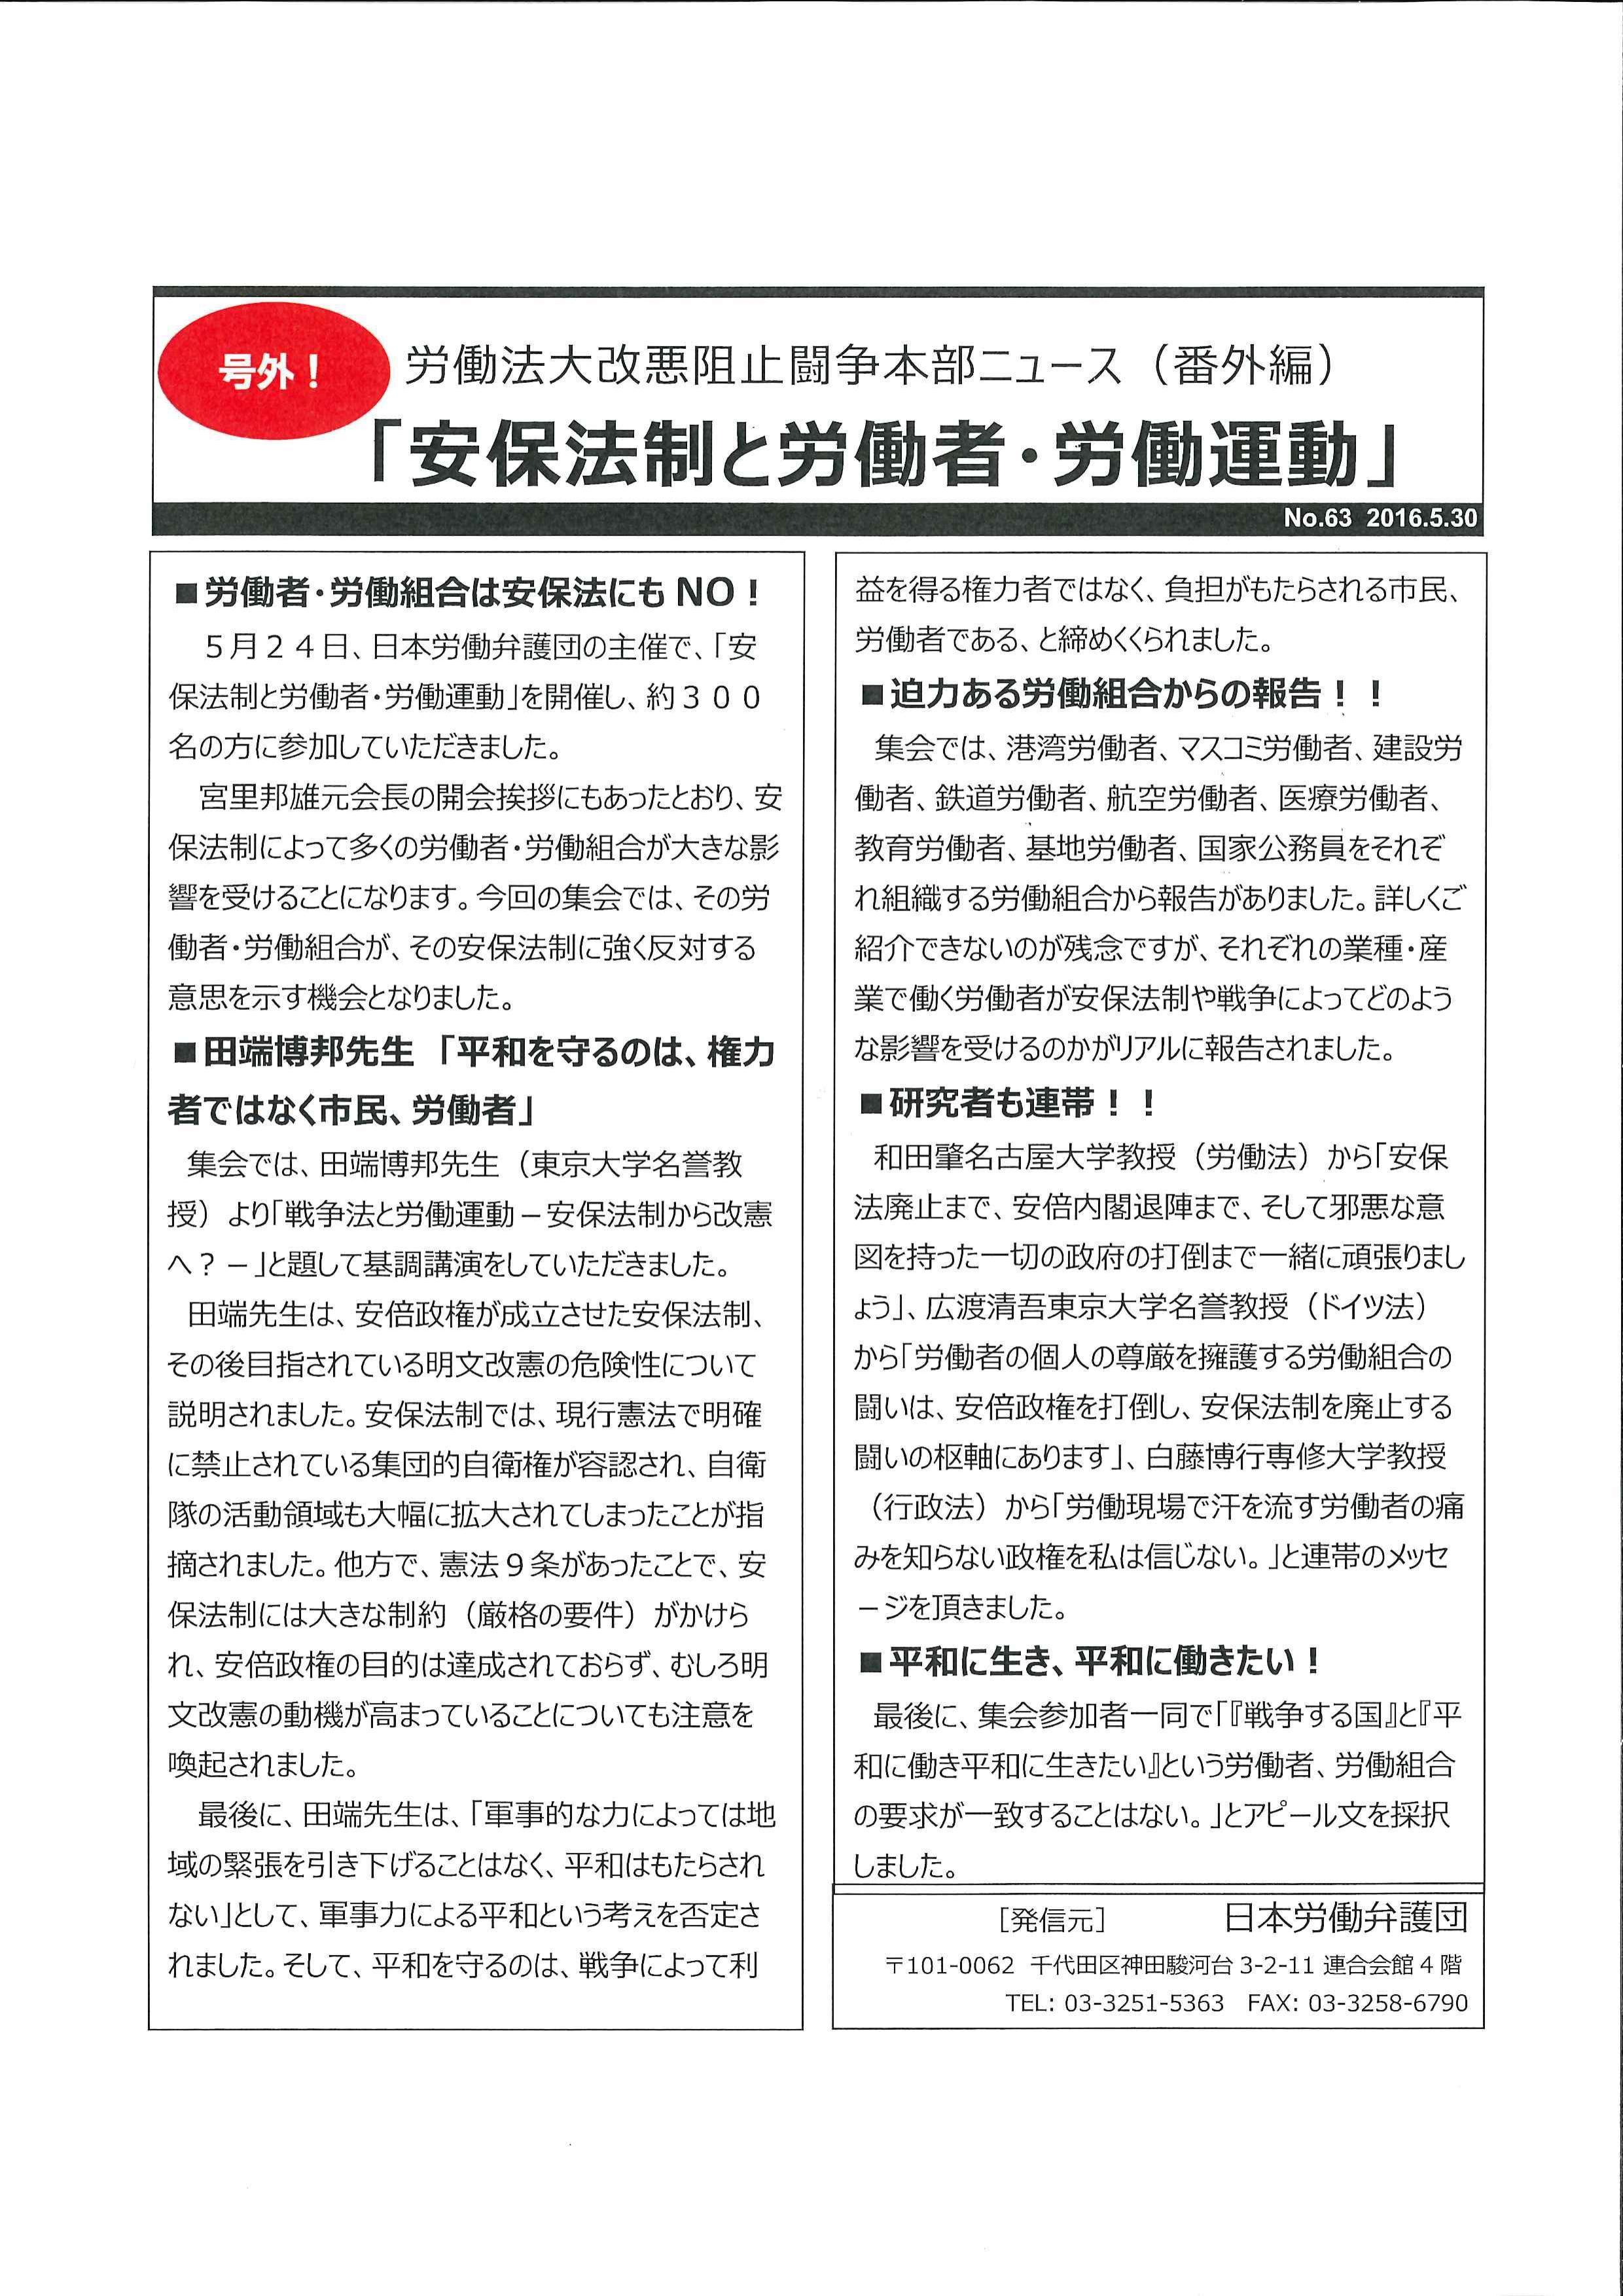 労弁闘争本部ニュース番外編 5.24集会